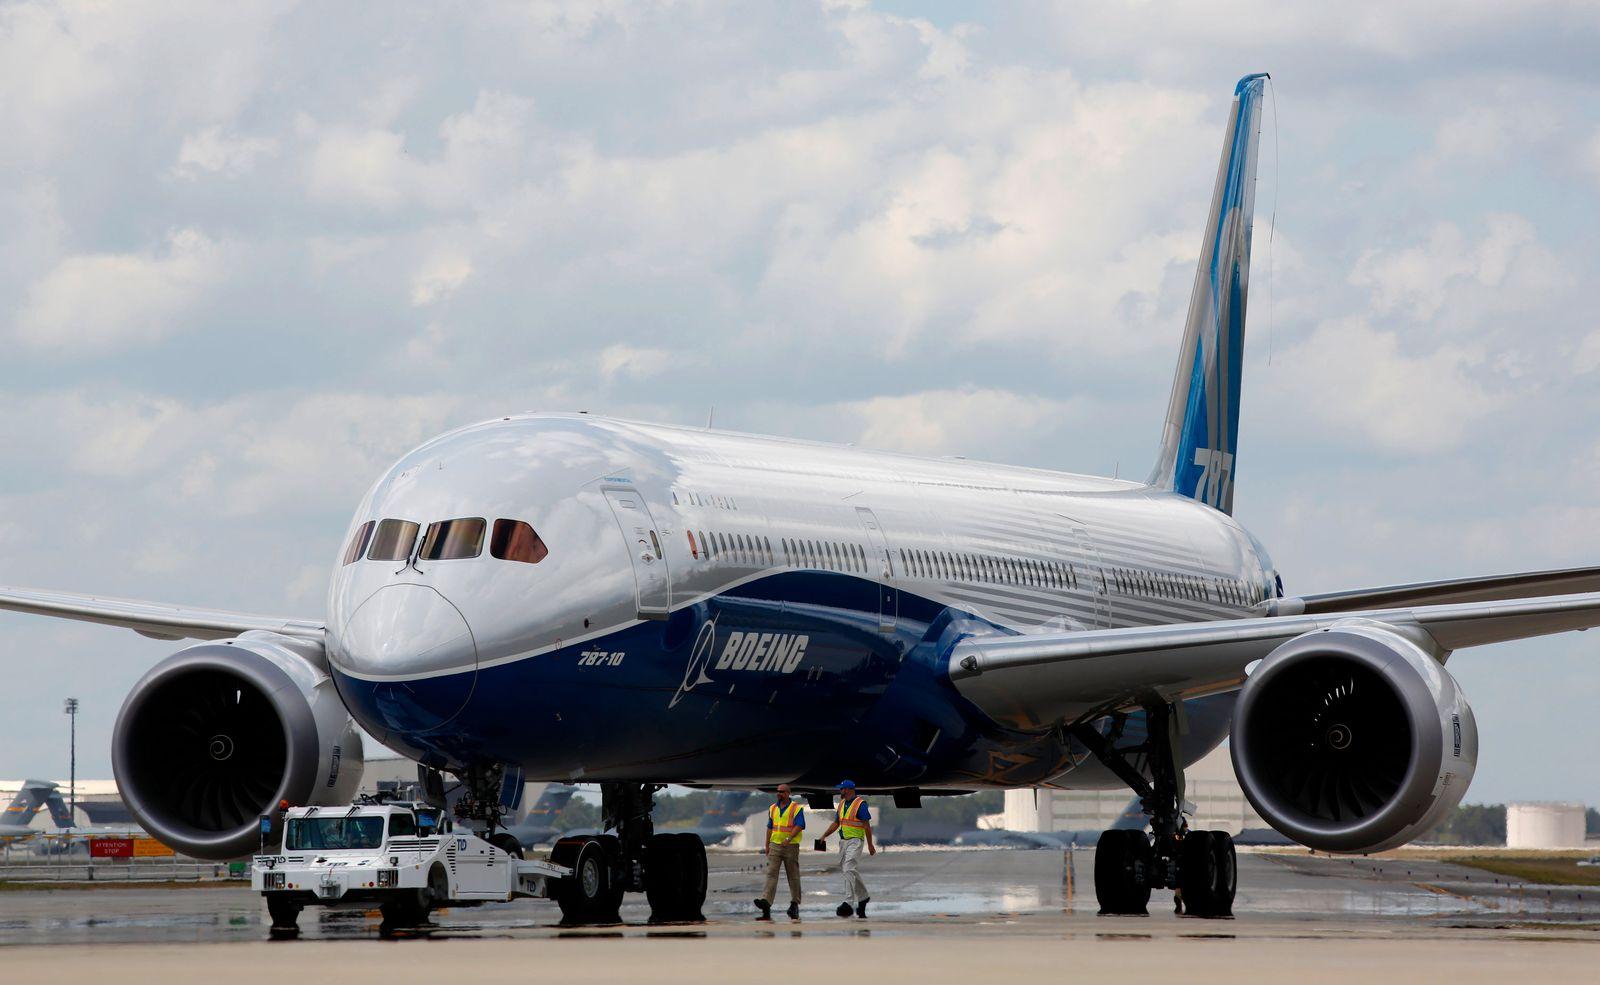 Inspektionen von Boeing 787 «Dreamliner» angeordnet